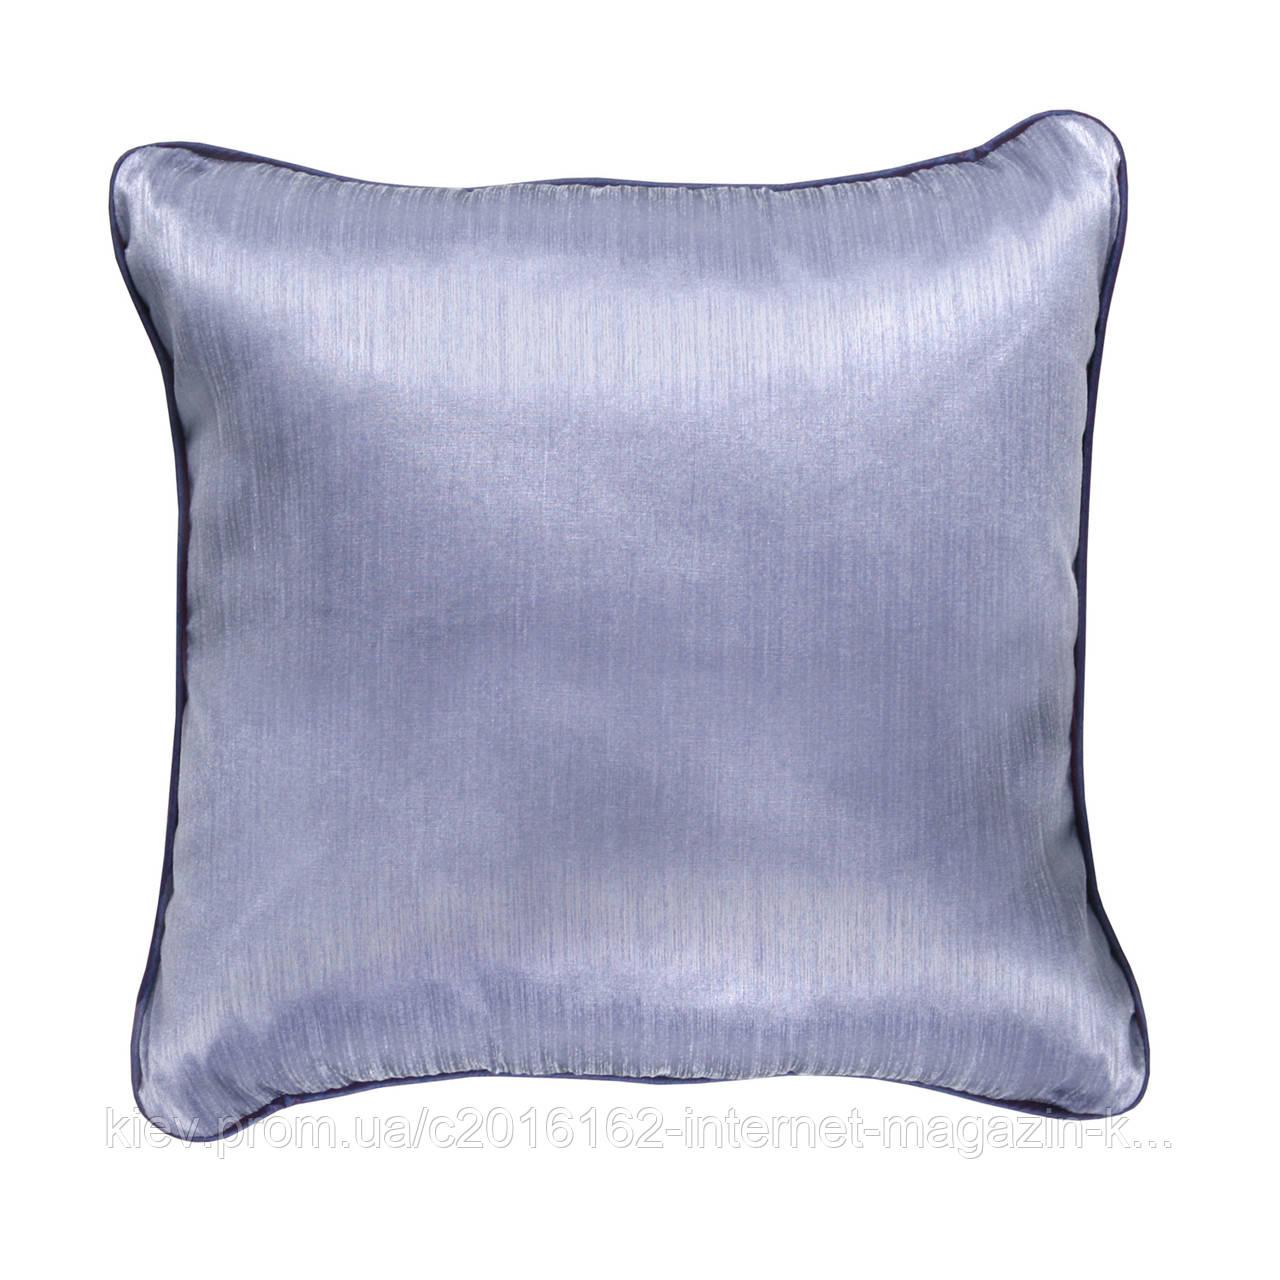 Подушка для дивана Home4You INDIGO 2  45x45cm  светло-лиловая с атласным отливом